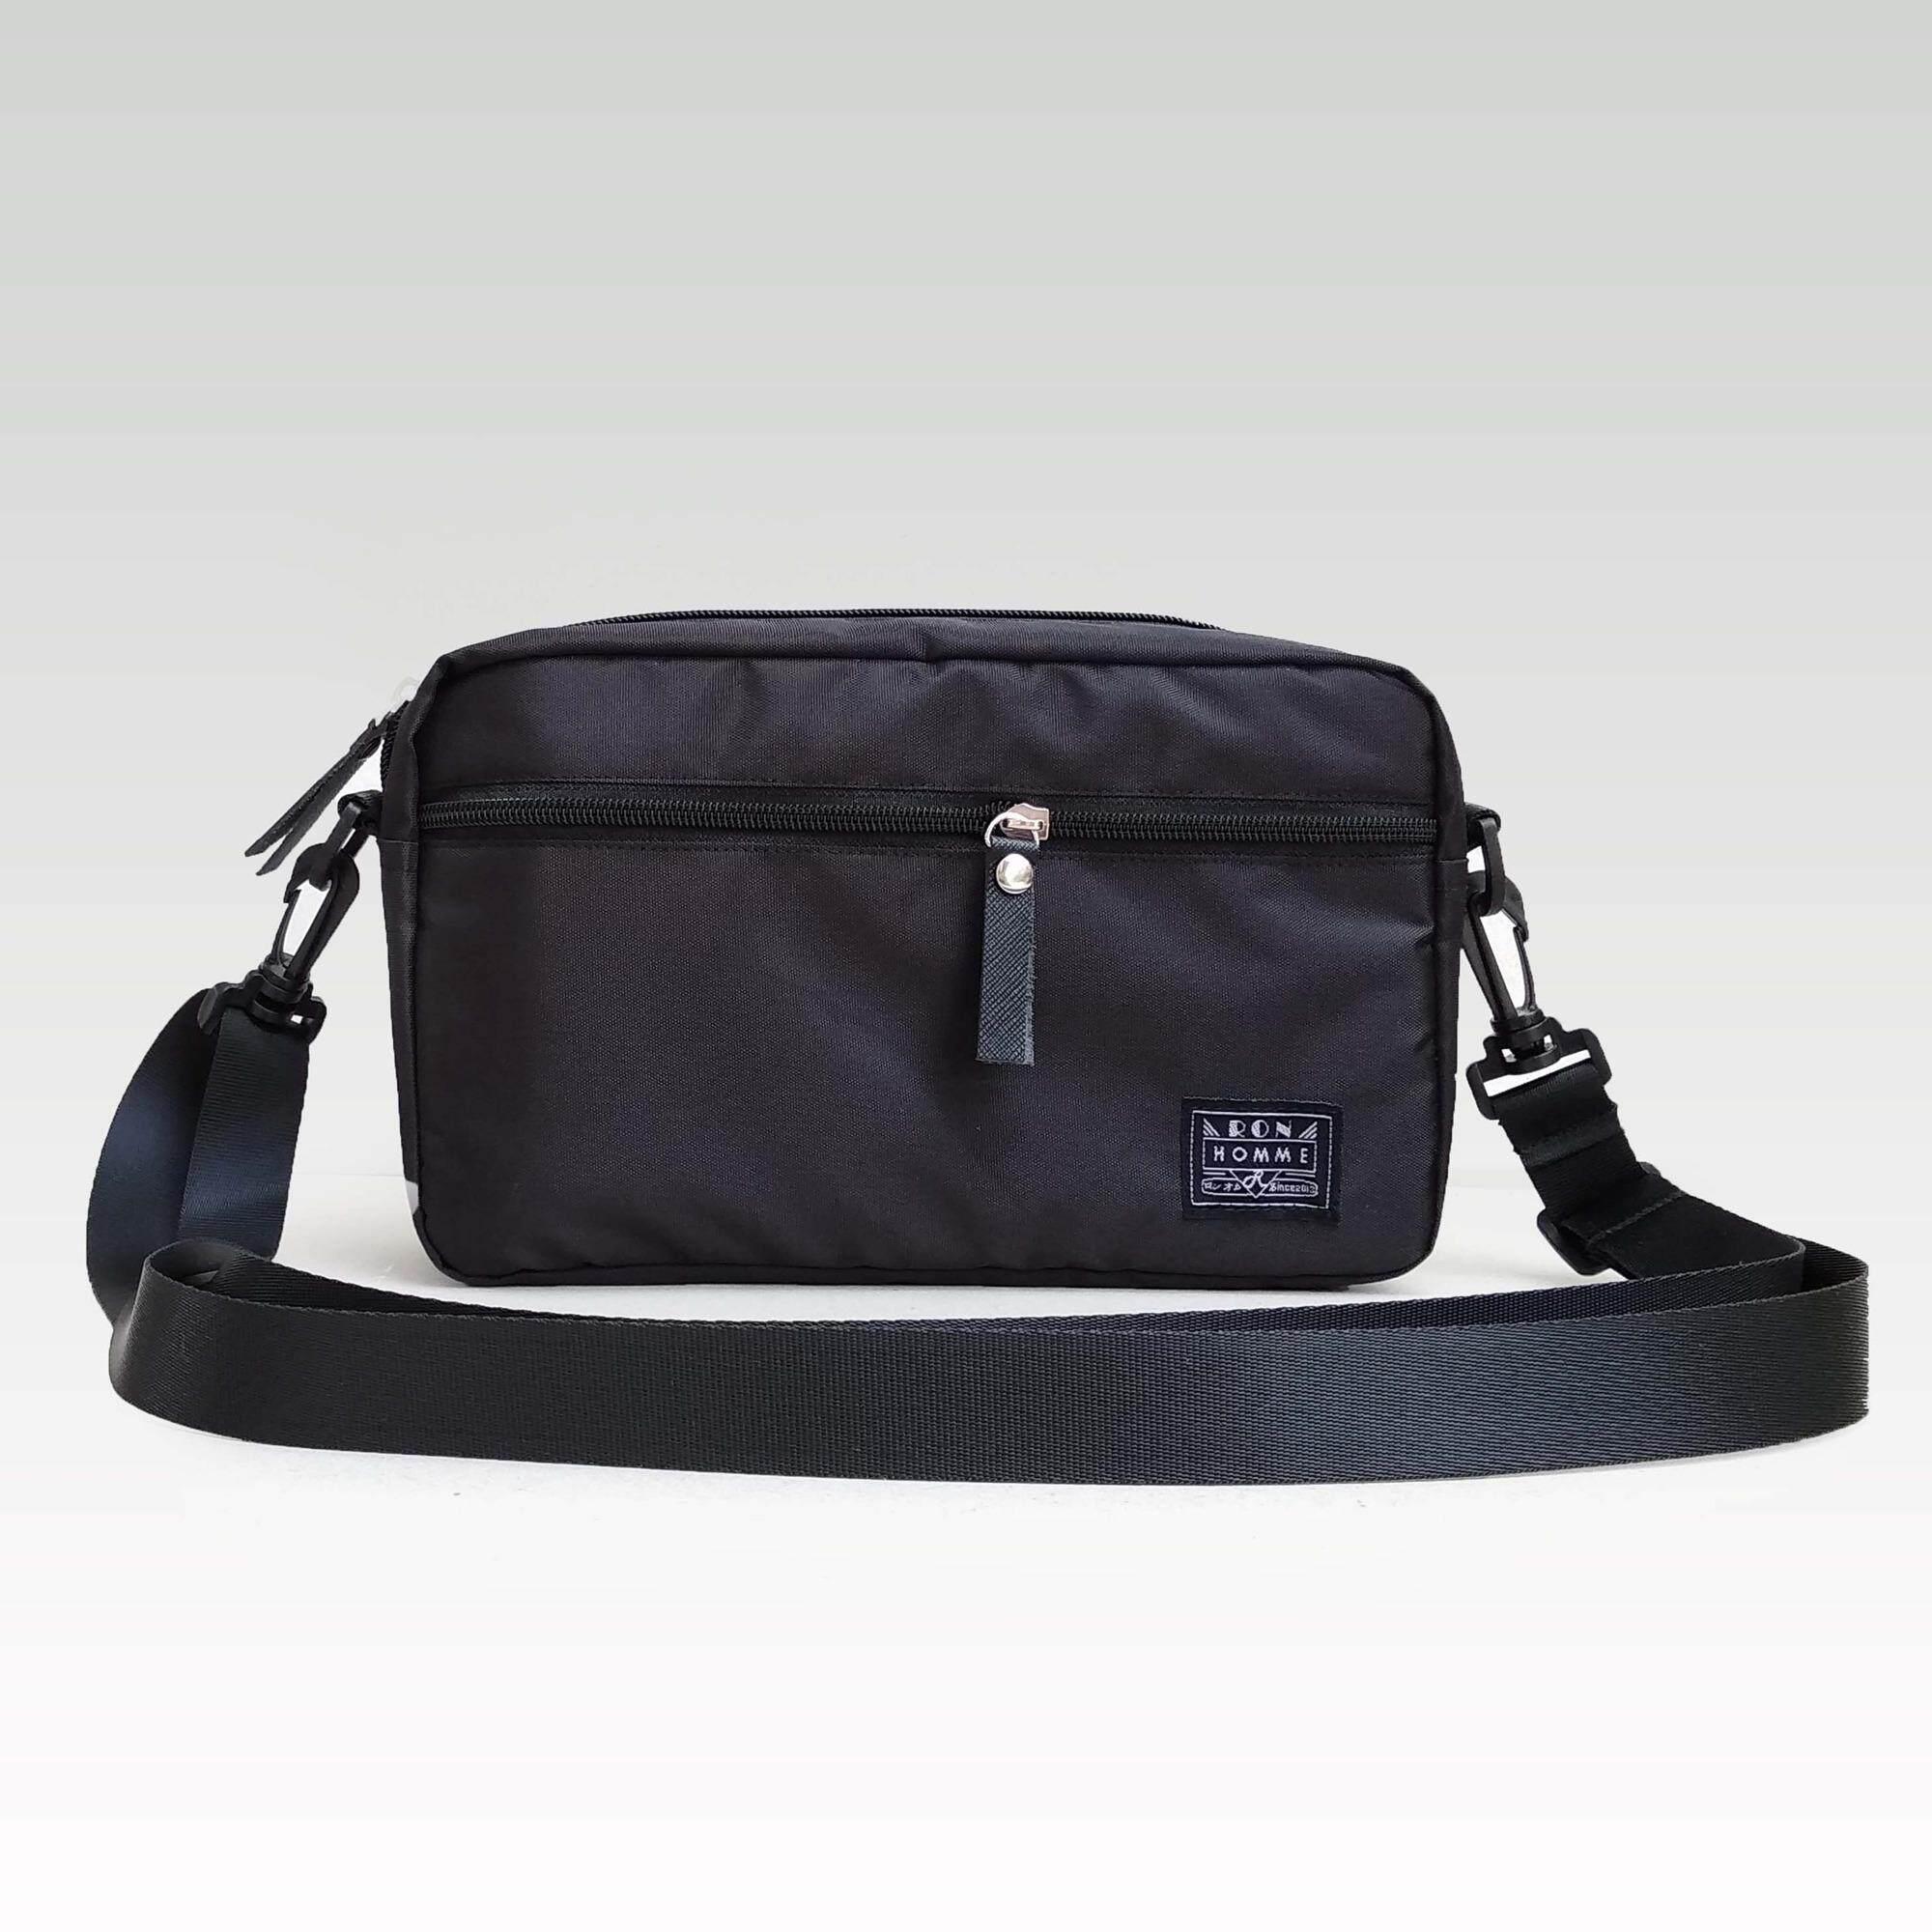 ขาย Ron Homme กระเป๋าสะพายข้าง โพลีเอสเตอร์กันนํ้า รุ่น Mini Bag9 Inch Black Ron Homme